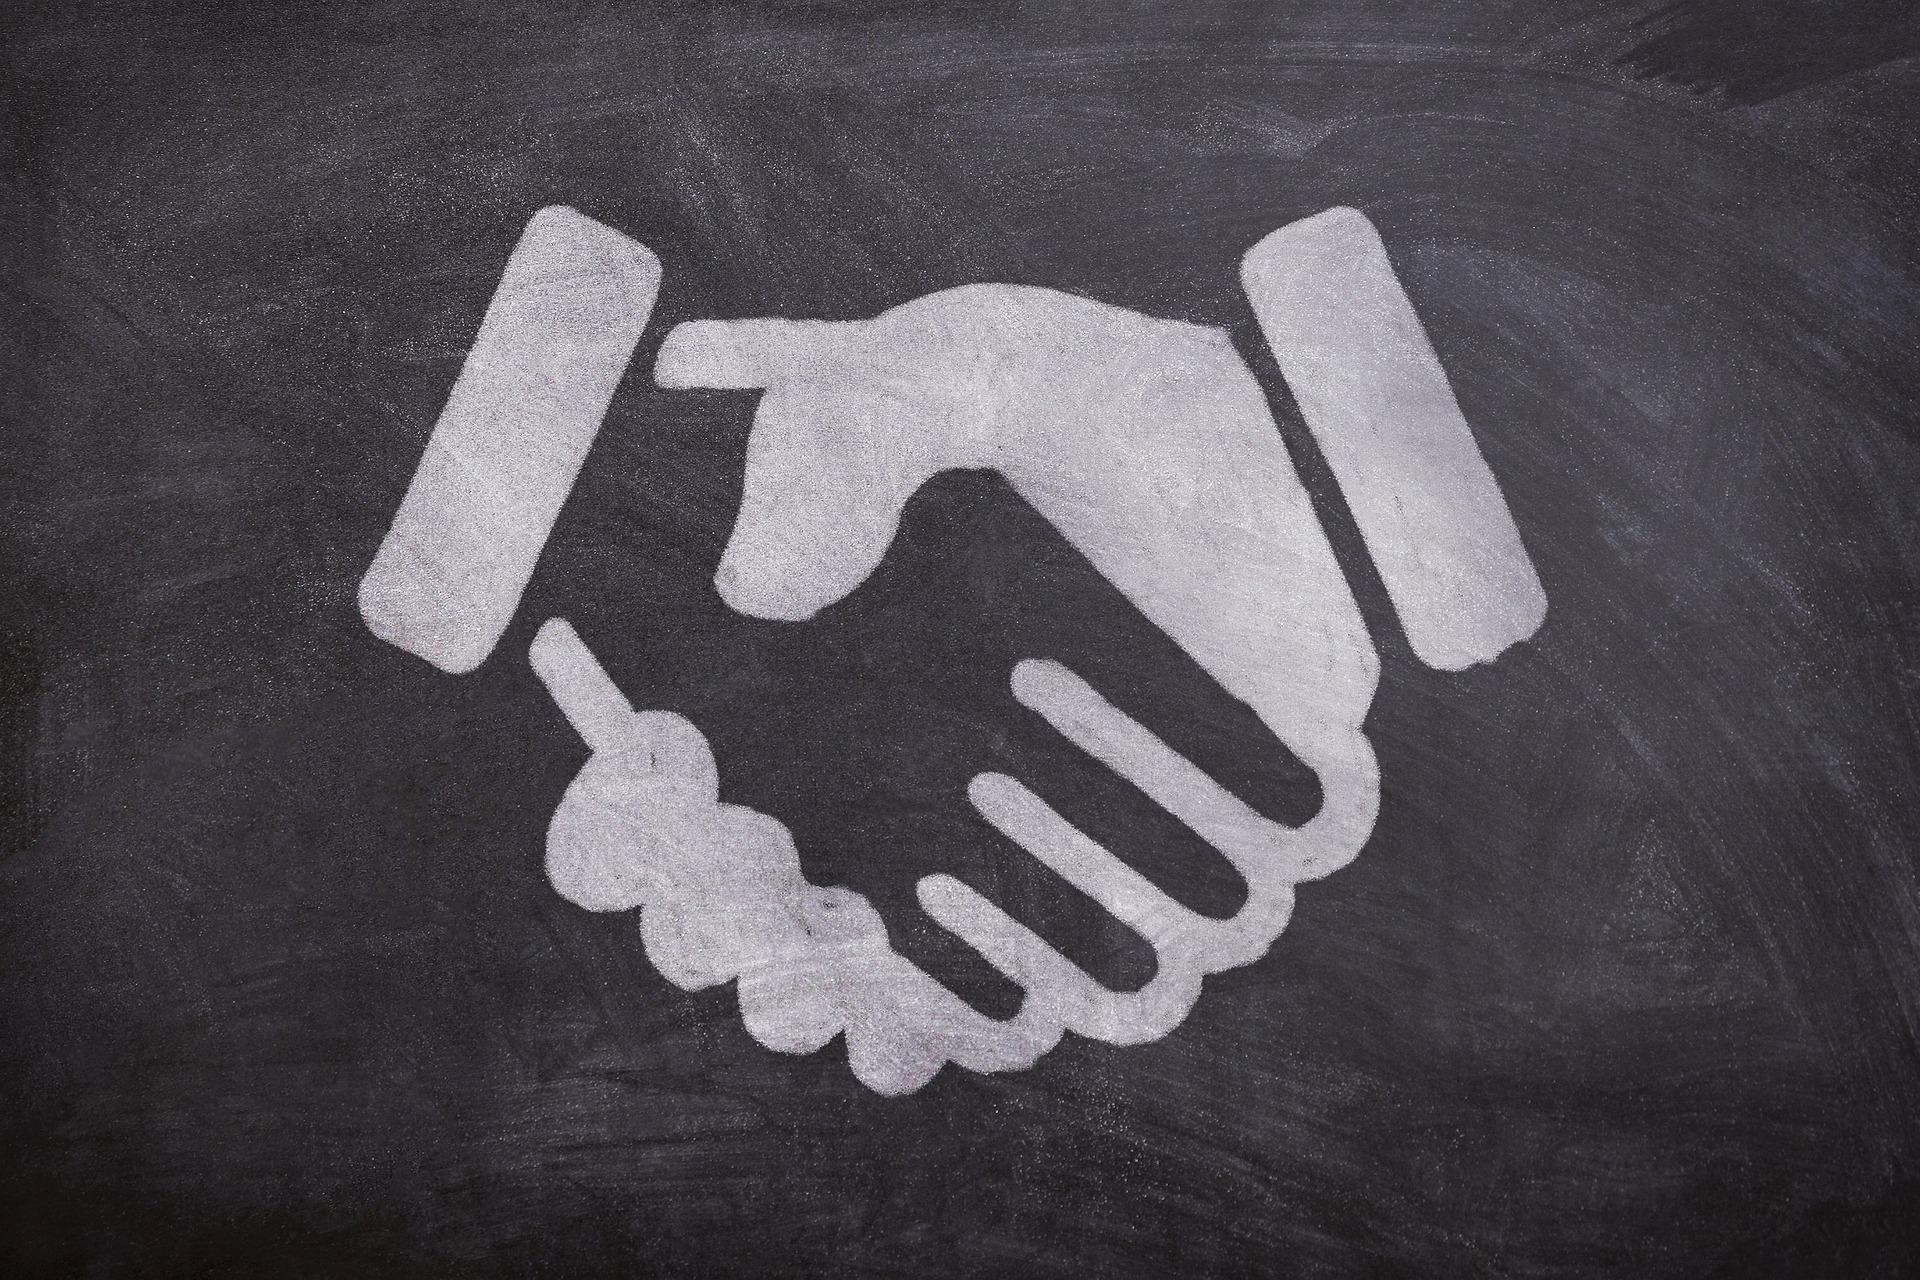 Grafik zur Veranschaulichung von Partnerschaft